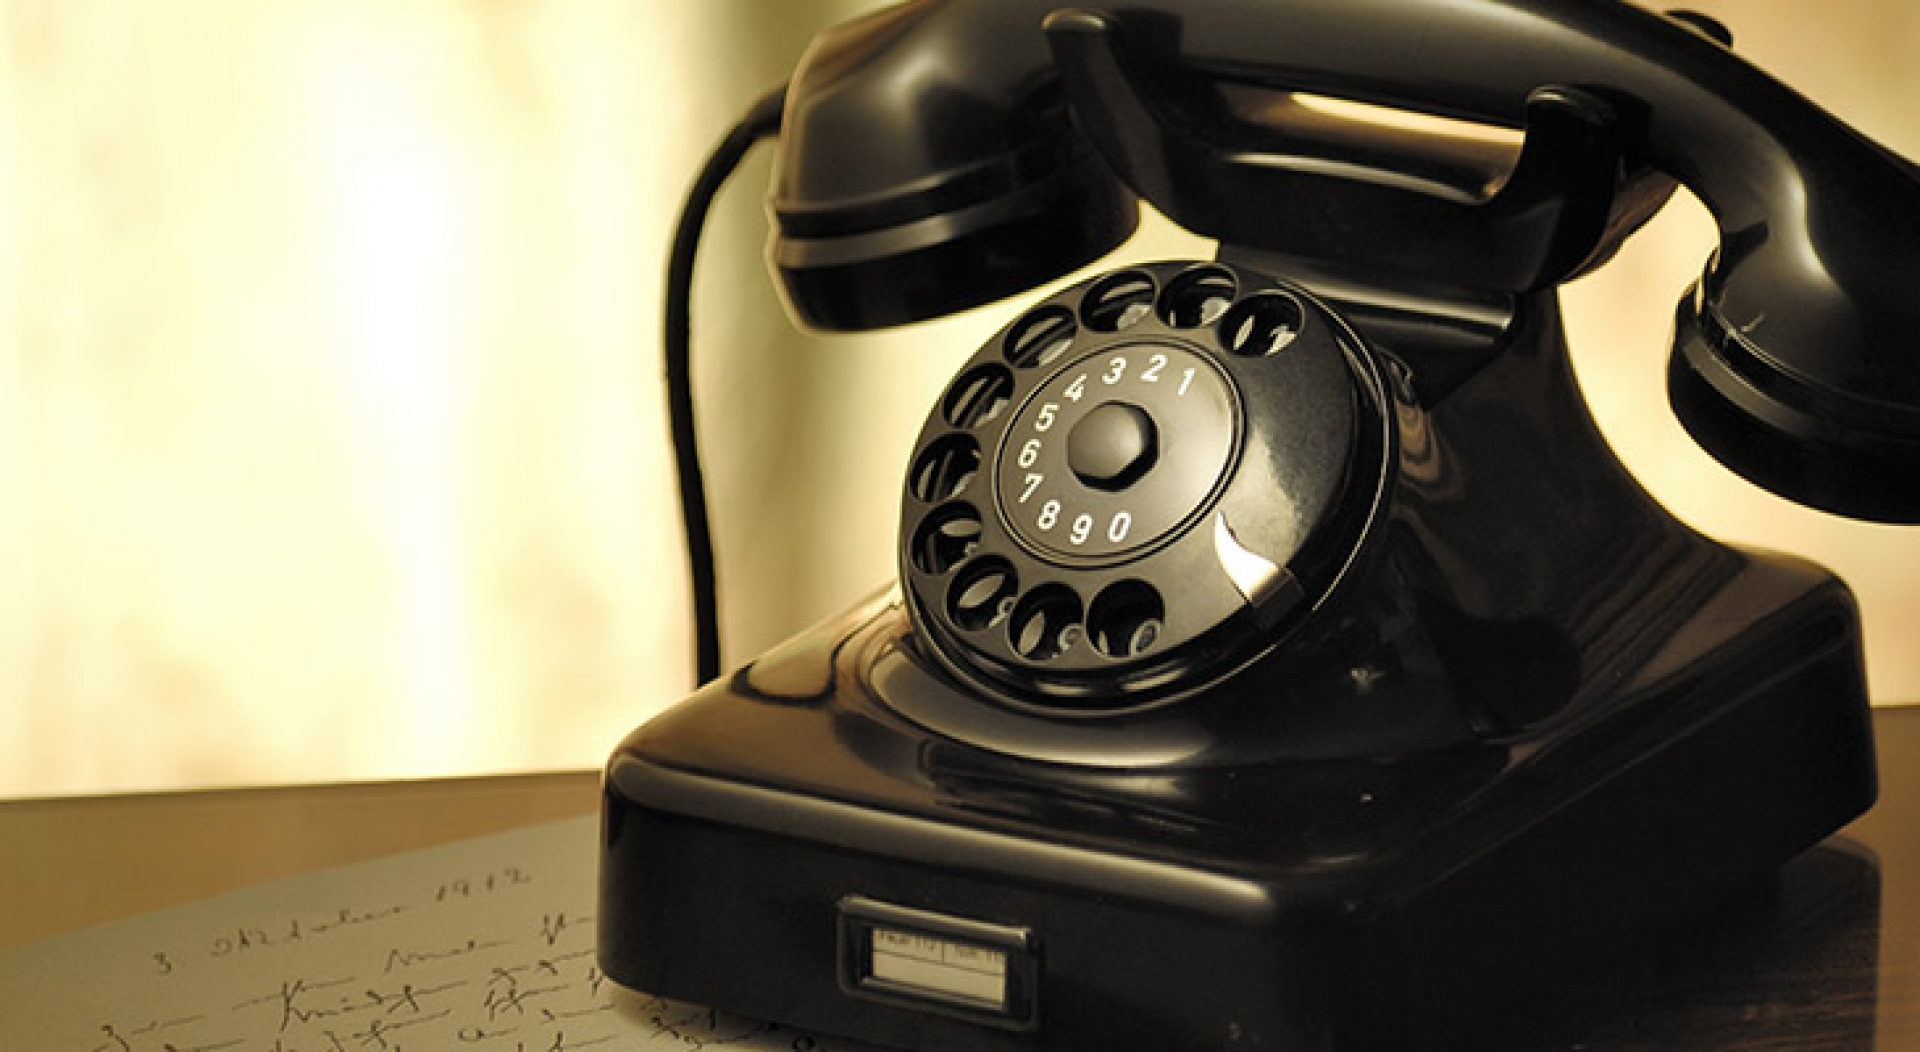 Τ.Ε.Ι. Δ.Ε. / Τηλεφωνικός Κατάλογος